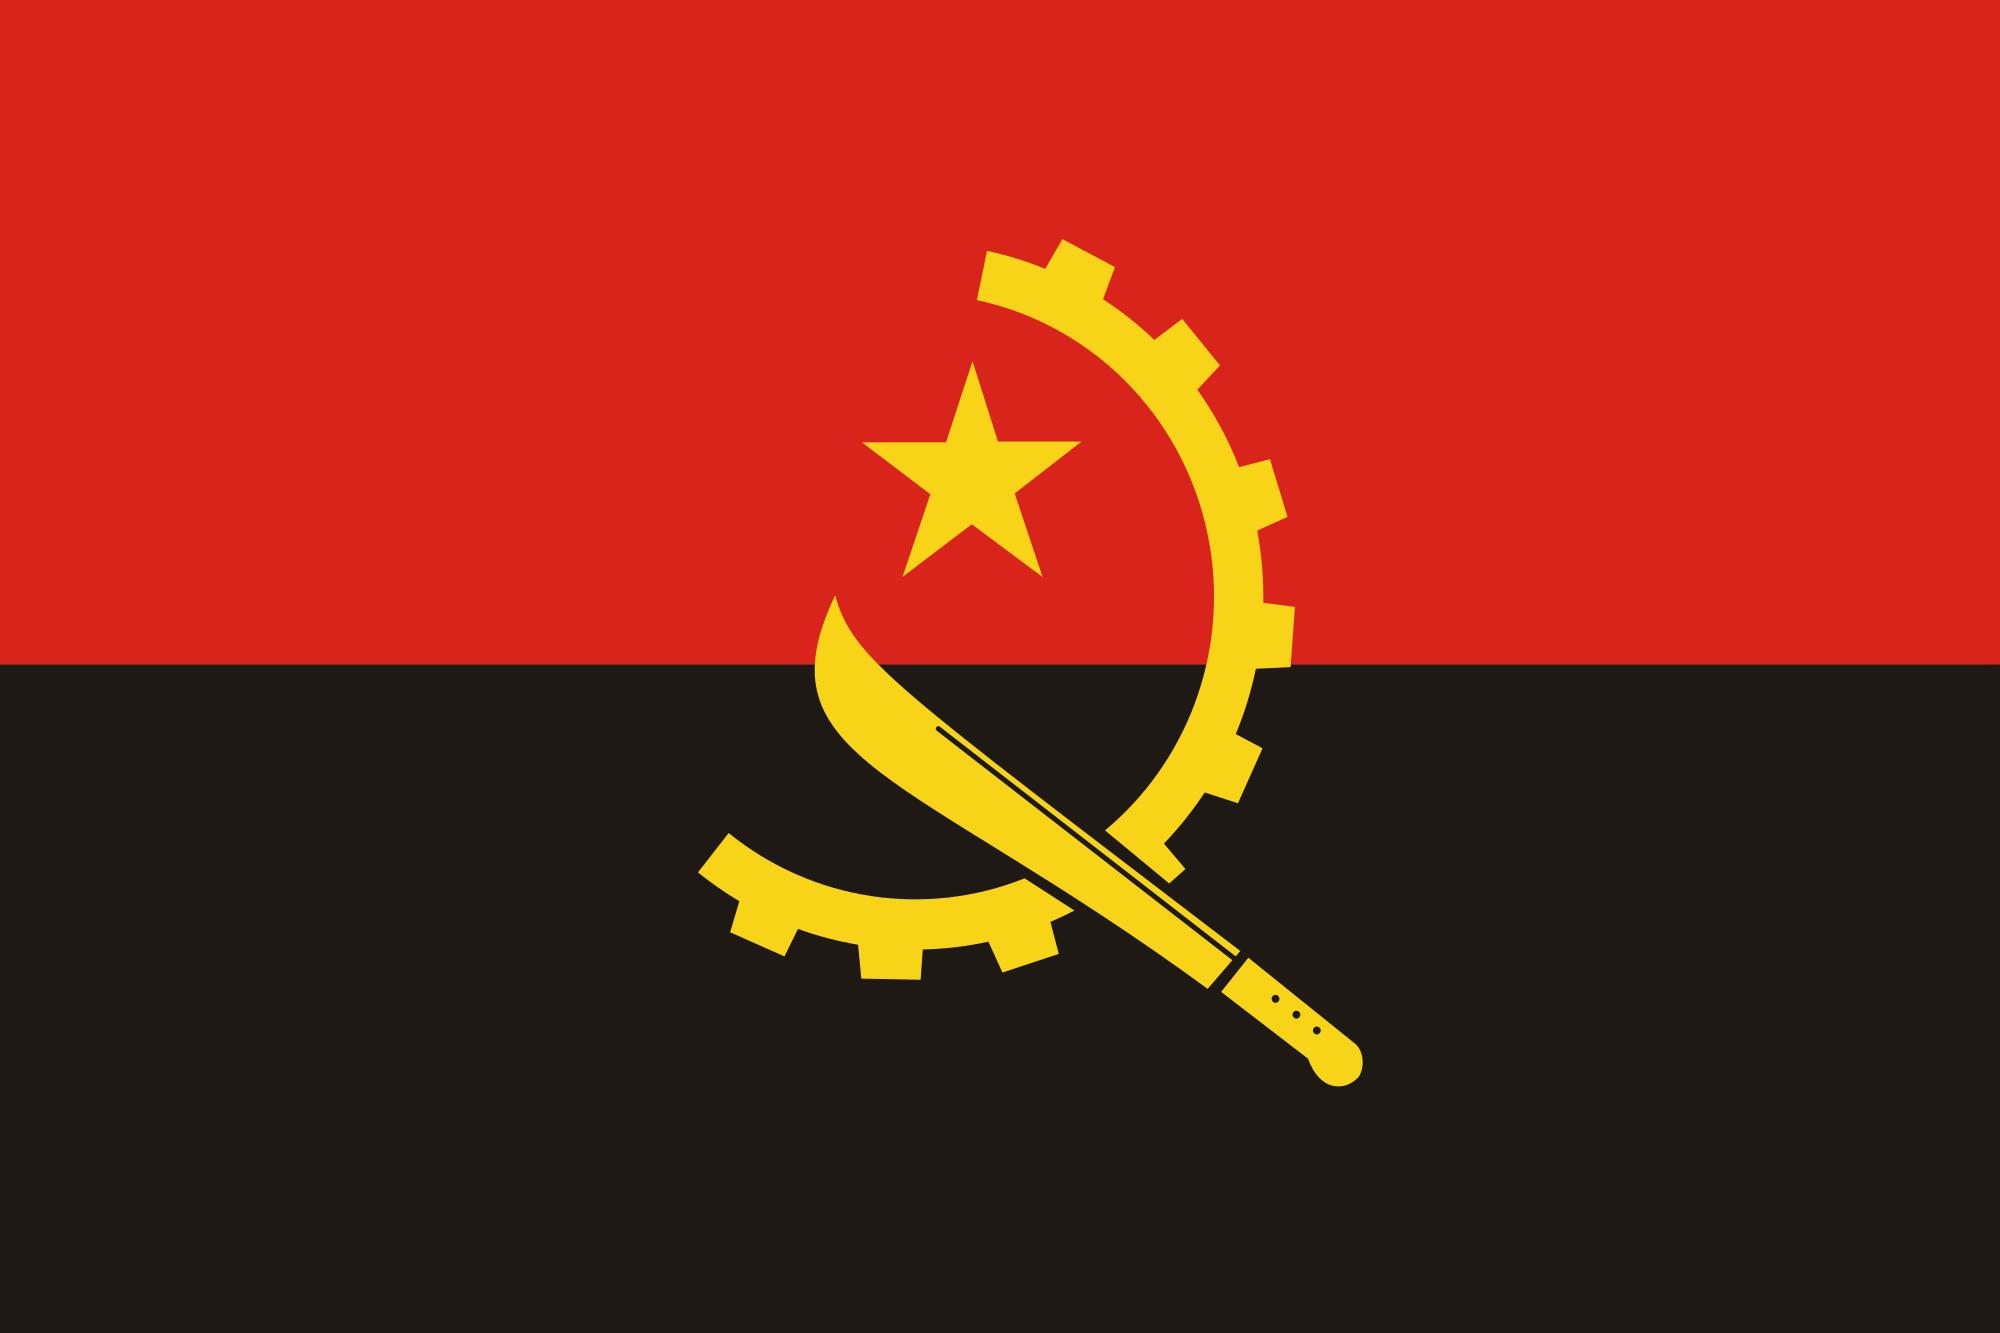 flag_of_angola-svg